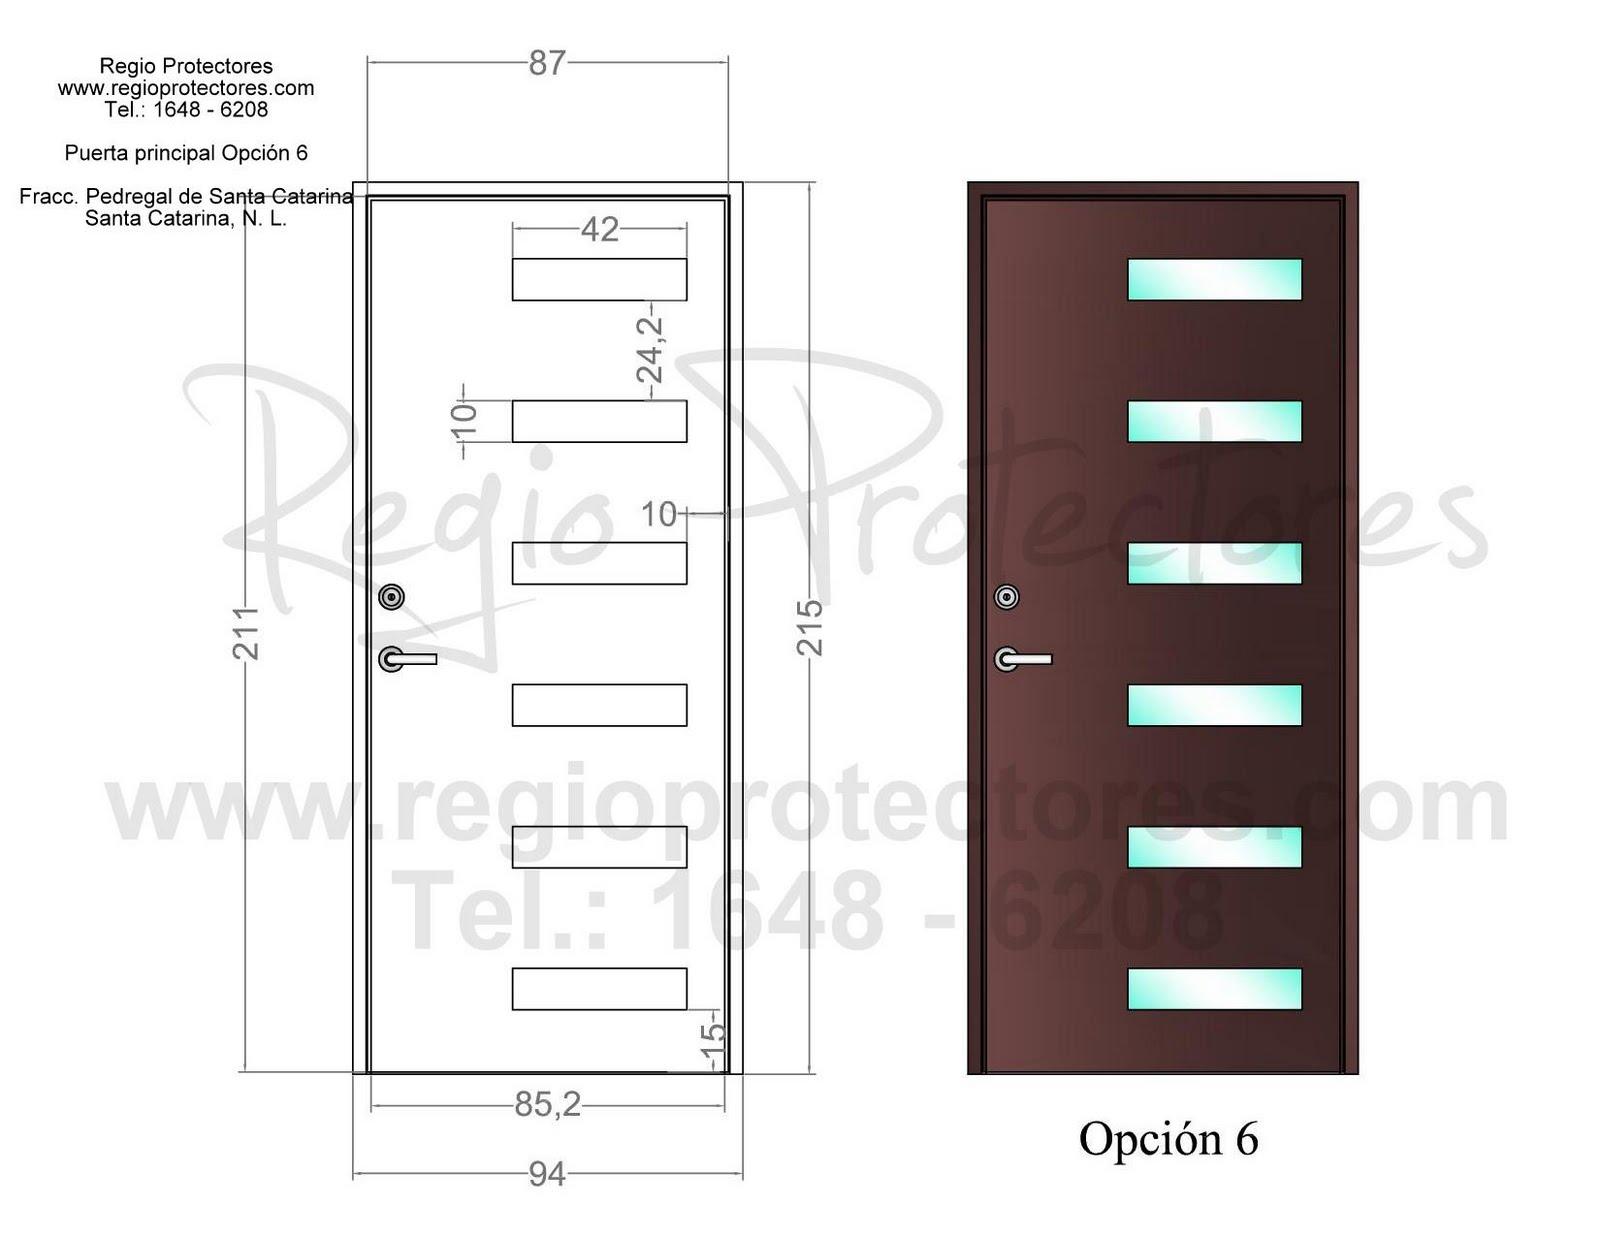 Top pin puertas principales de wallpapers - Diseno de puertas ...